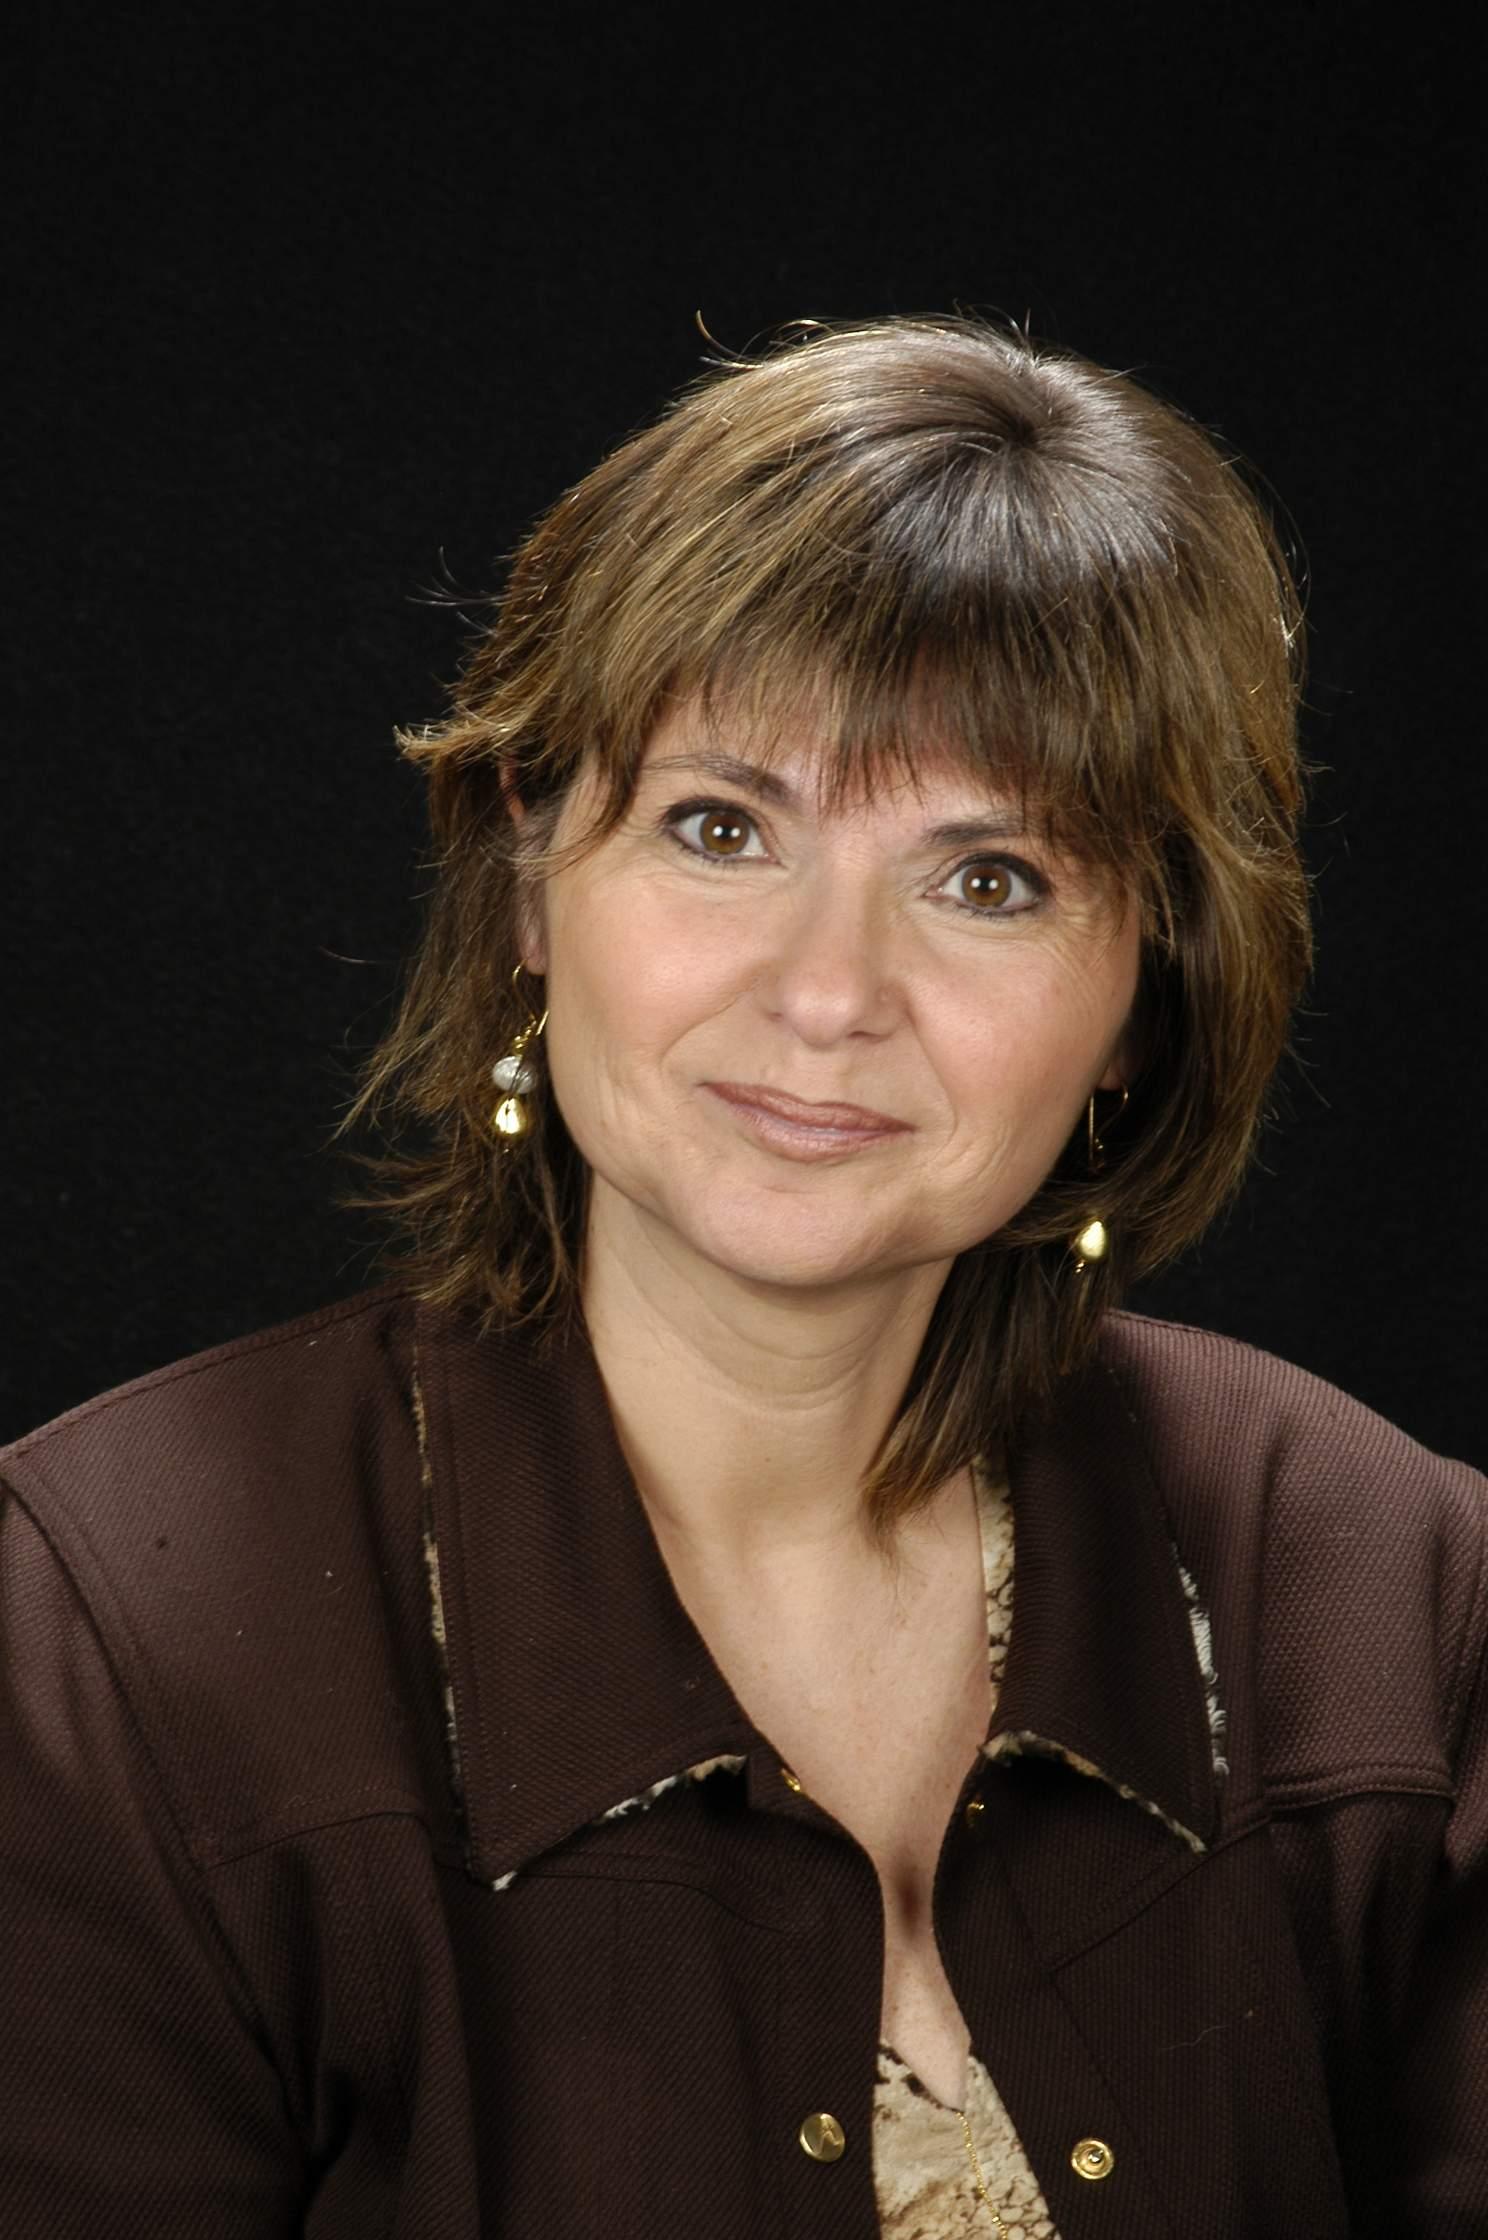 Dra. Pilar Santaló Bel